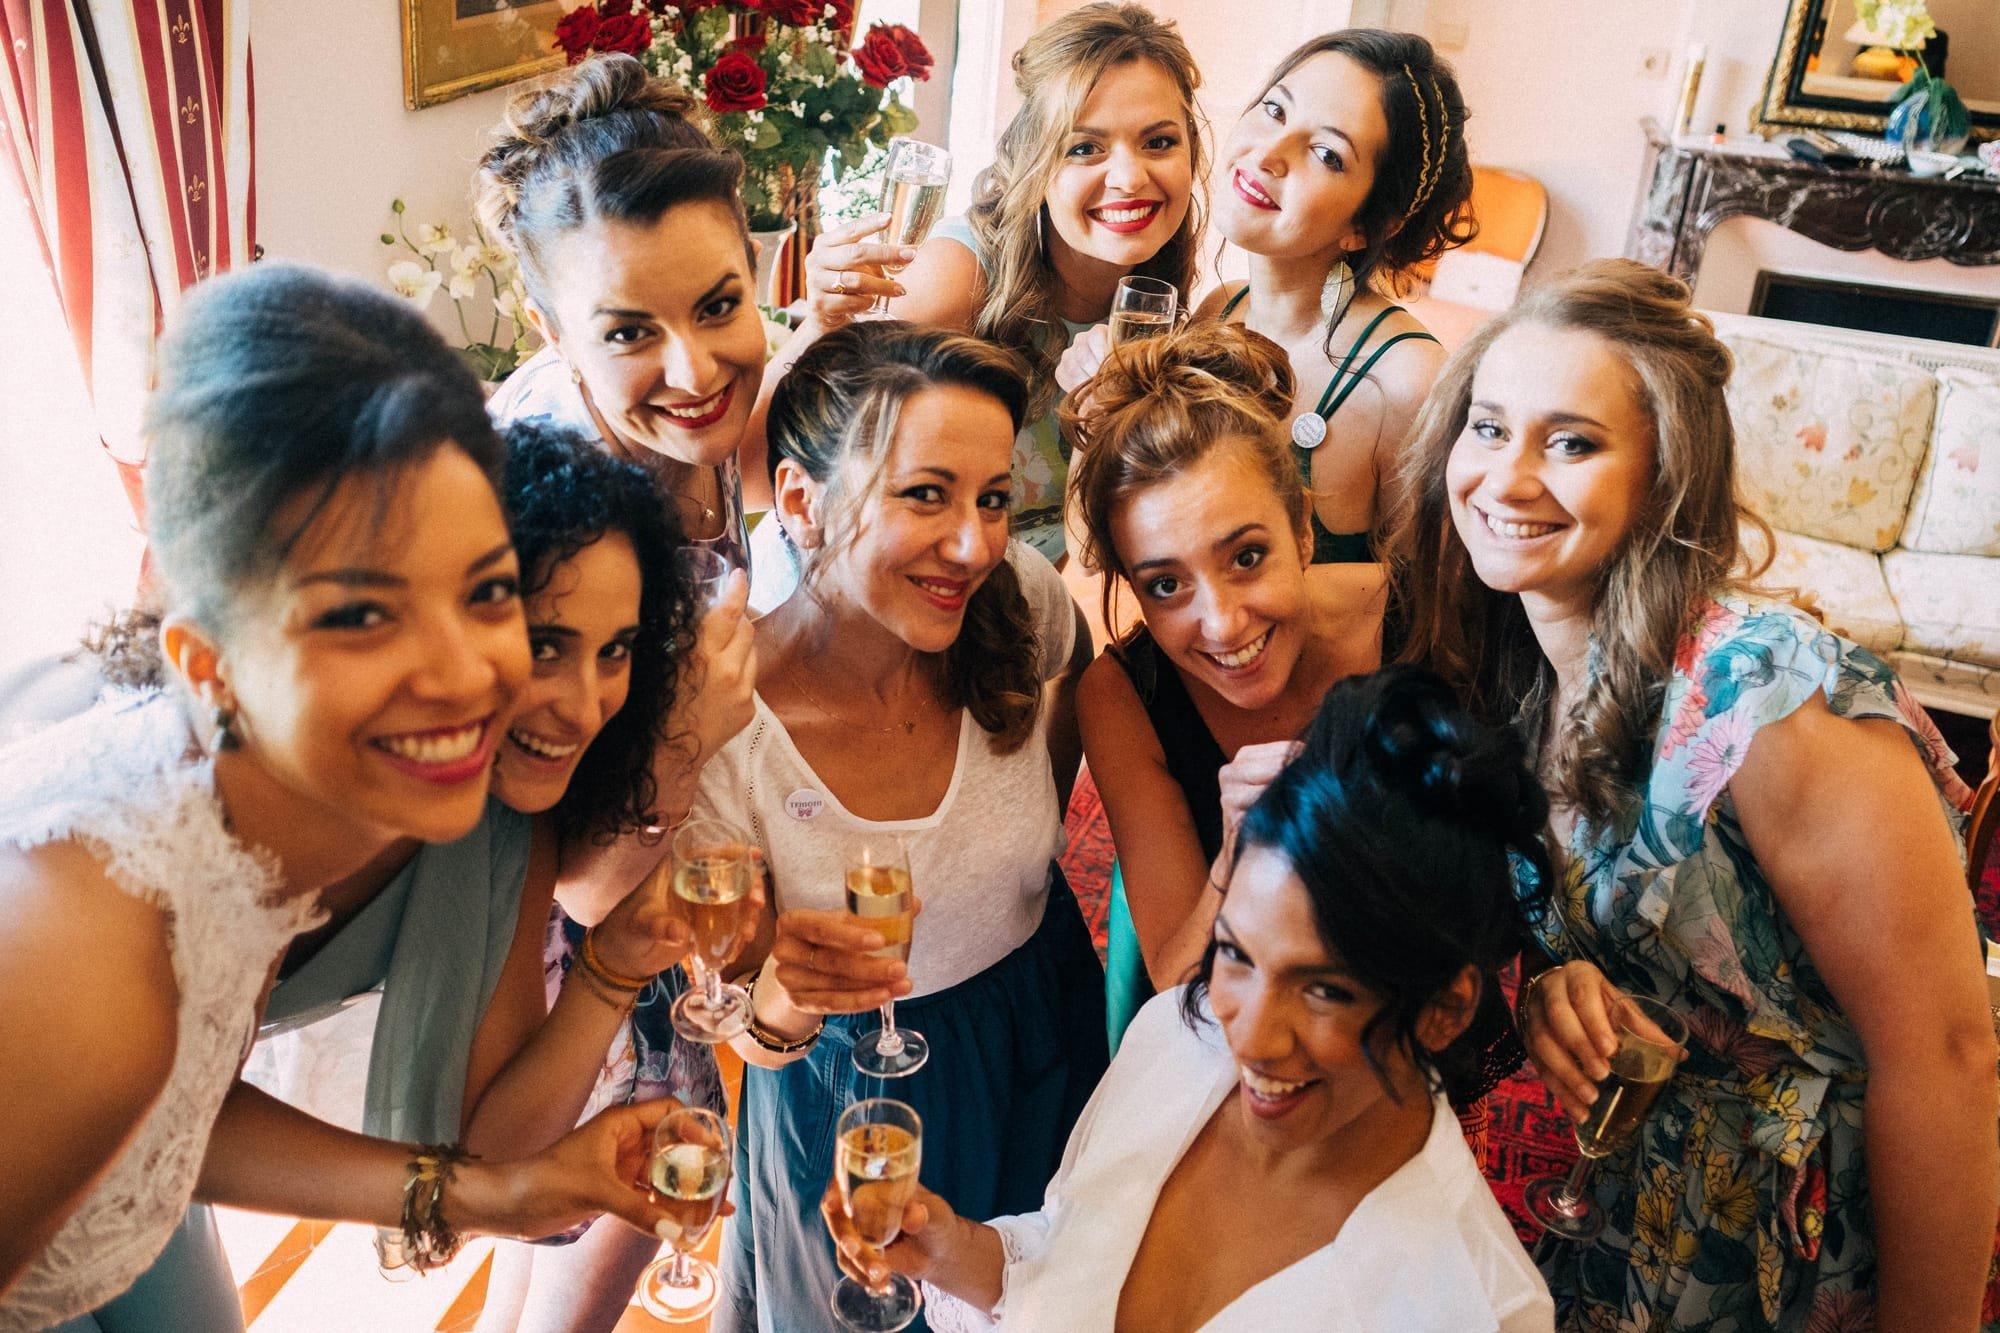 Mariée avec ses demoiselles d'honneur buvant une coupe de champagne